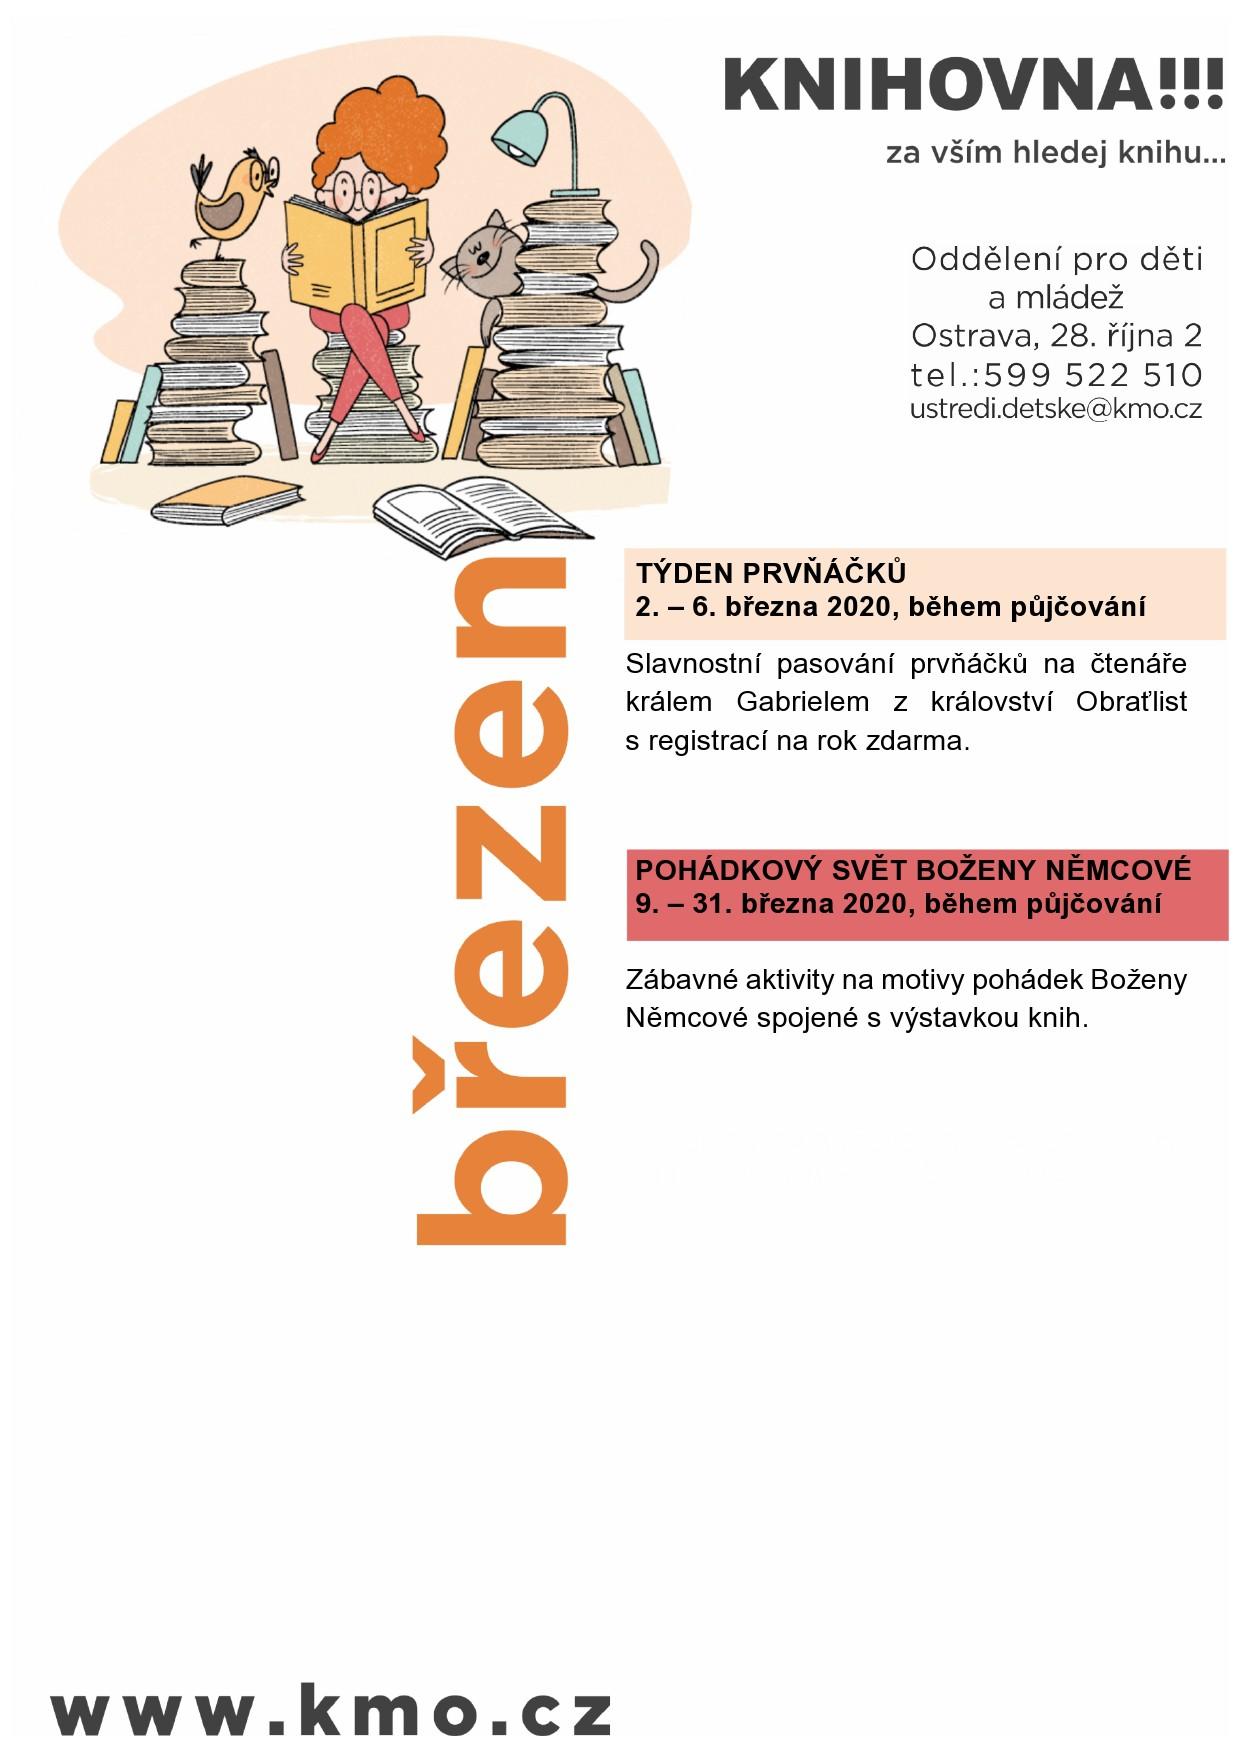 Knihovna města Ostravy, oddělení pro děti a mládež - ústředí, Vás zve na akce v měsíci březen:  TÝDEN PRVŇÁČKŮ 2. – 6. března 2020, během půjčování Slavnostní pasování prvňáčků na čtenáře králem Gabrielem z království Obraťlist s registrací na rok zdarma.     POHÁDKOVÝ SVĚT BOŽENY NĚMCOVÉ 9. – 31. března 2020, během půjčování   Zábavné aktivity na motivy pohádek Boženy Němcové spojené s výstavkou knih.